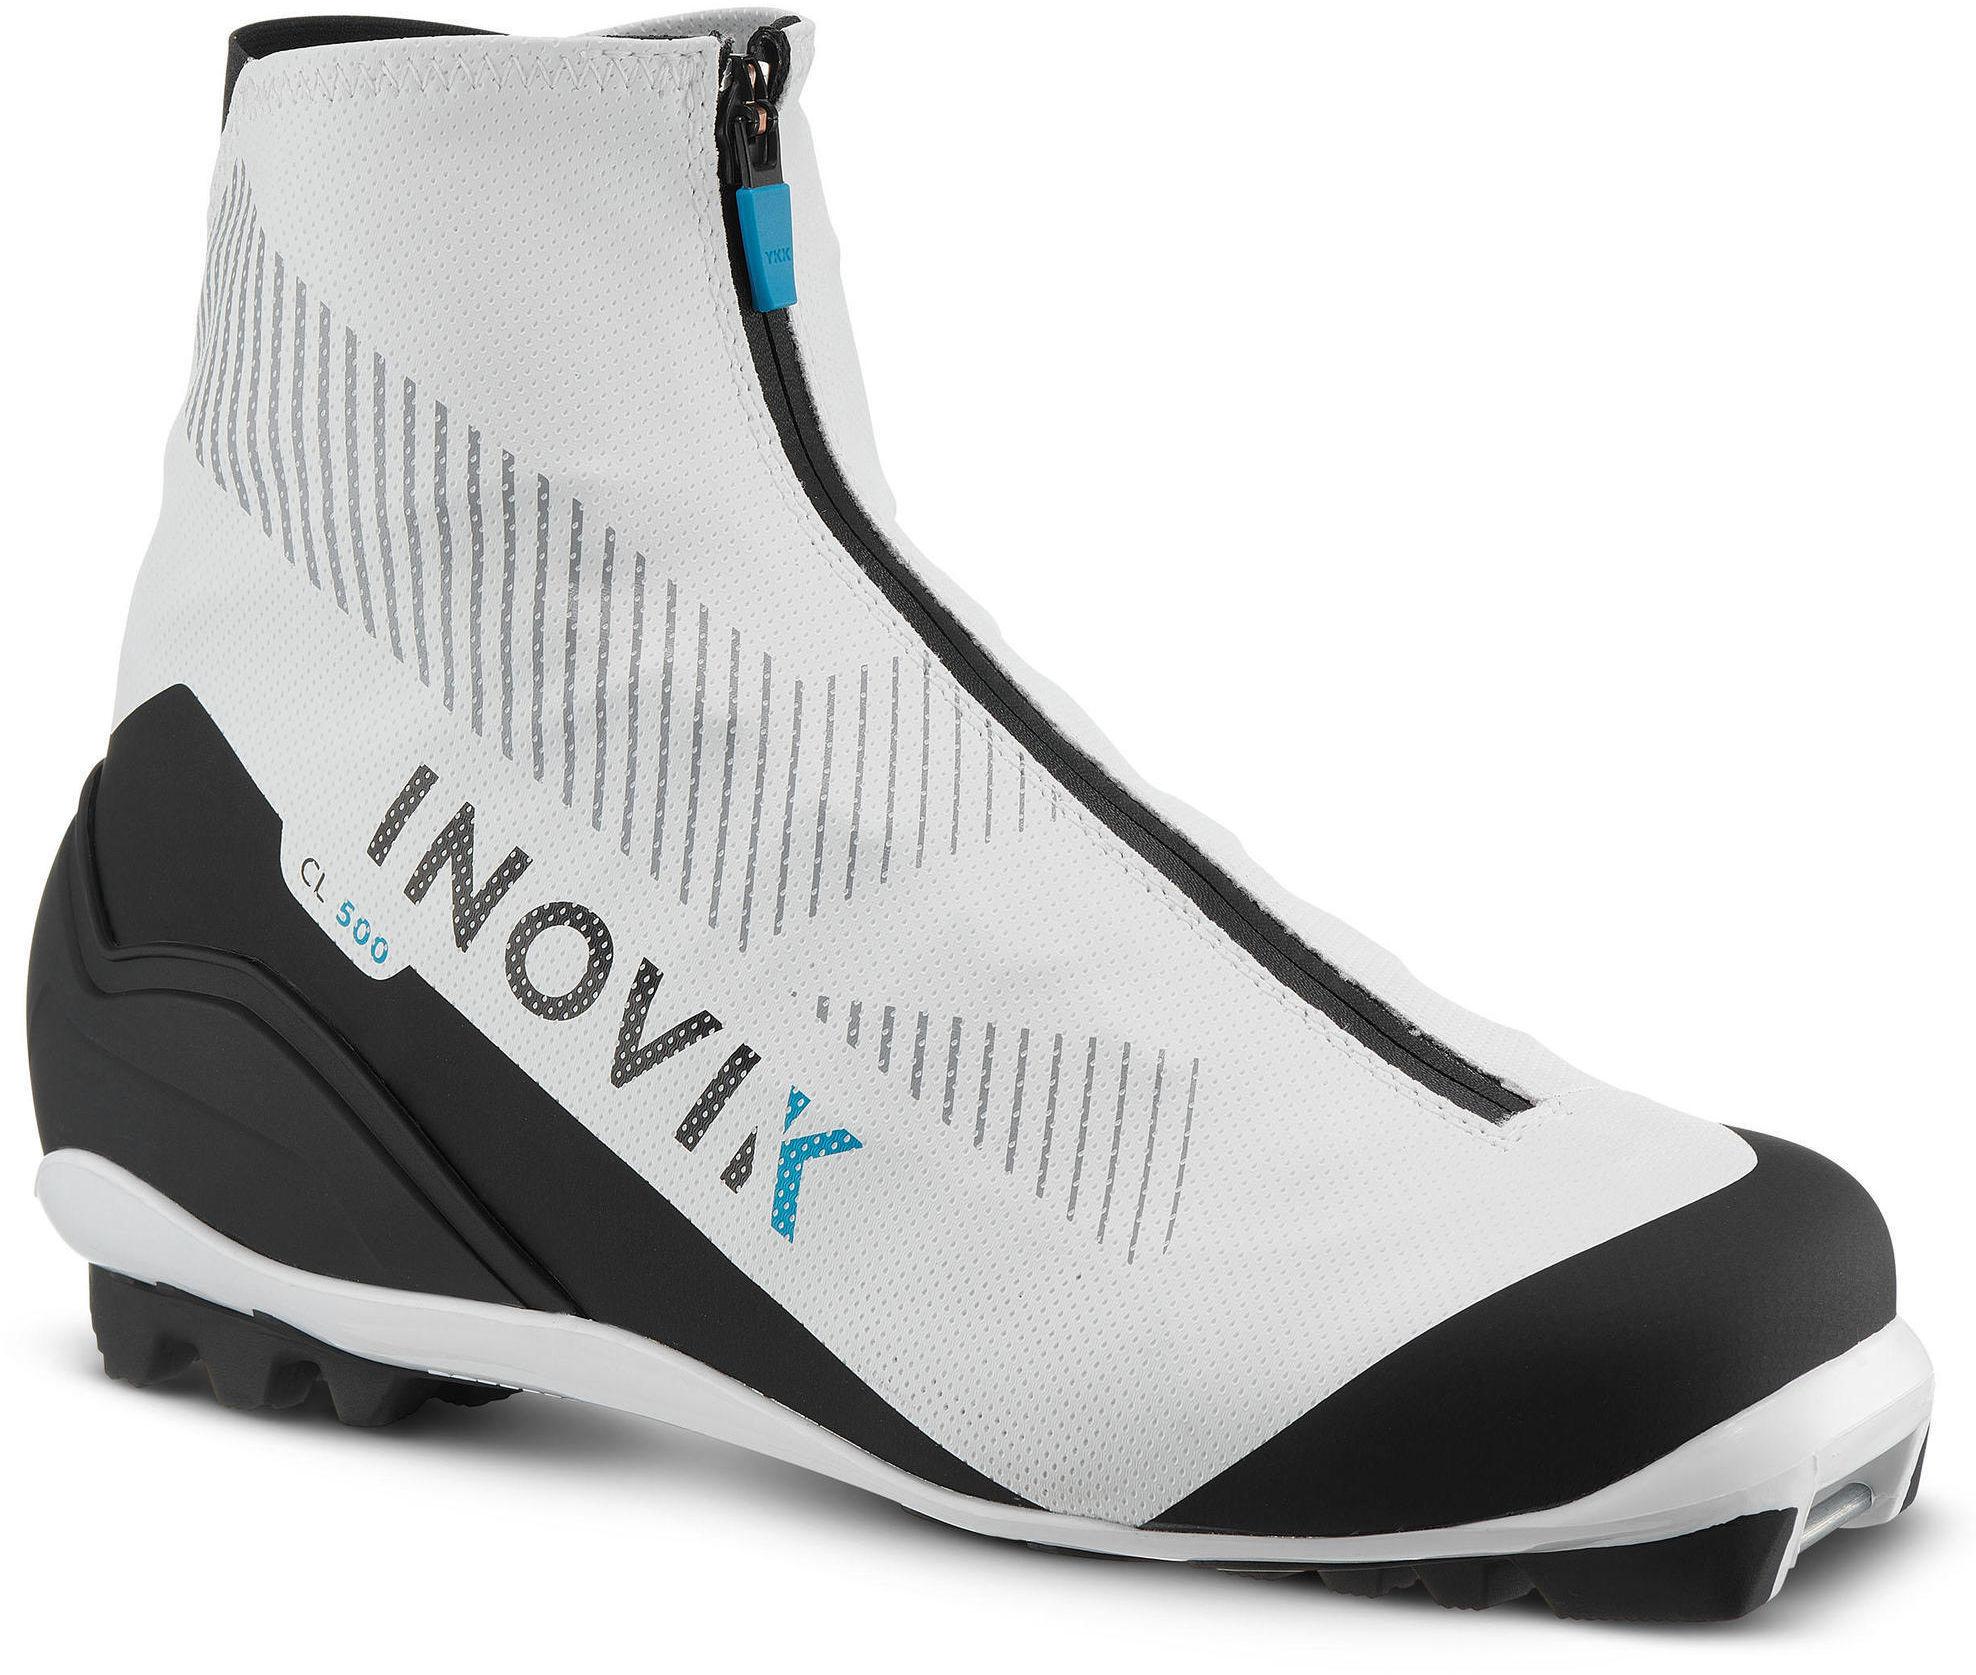 Buty do narciarstwa biegowego skate XC S BOOT 500 damskie